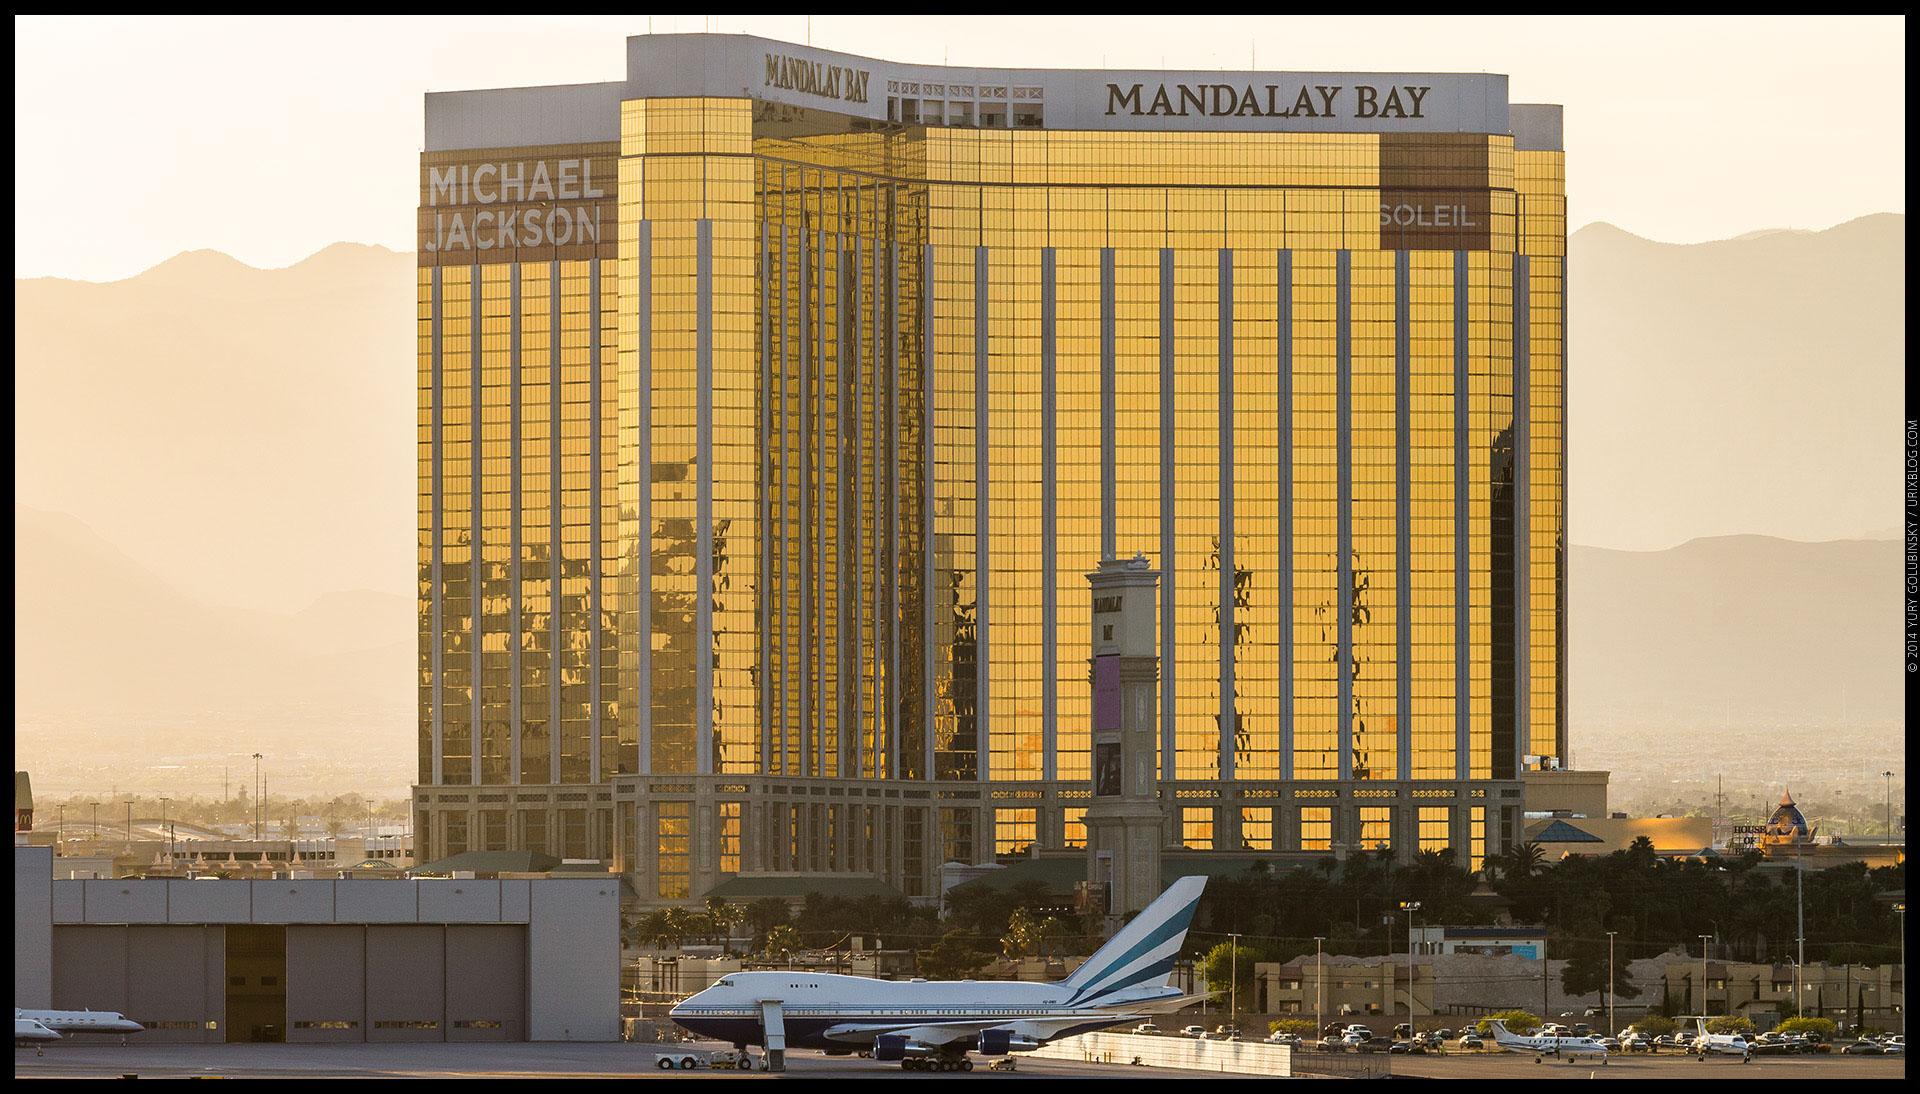 Mandalay Bay, casino, hotel, airplane, 2014, LAS, Las Vegas McCarran International airport, strip, LV, Clark County, USA, Nevada, panorama, horizon, city